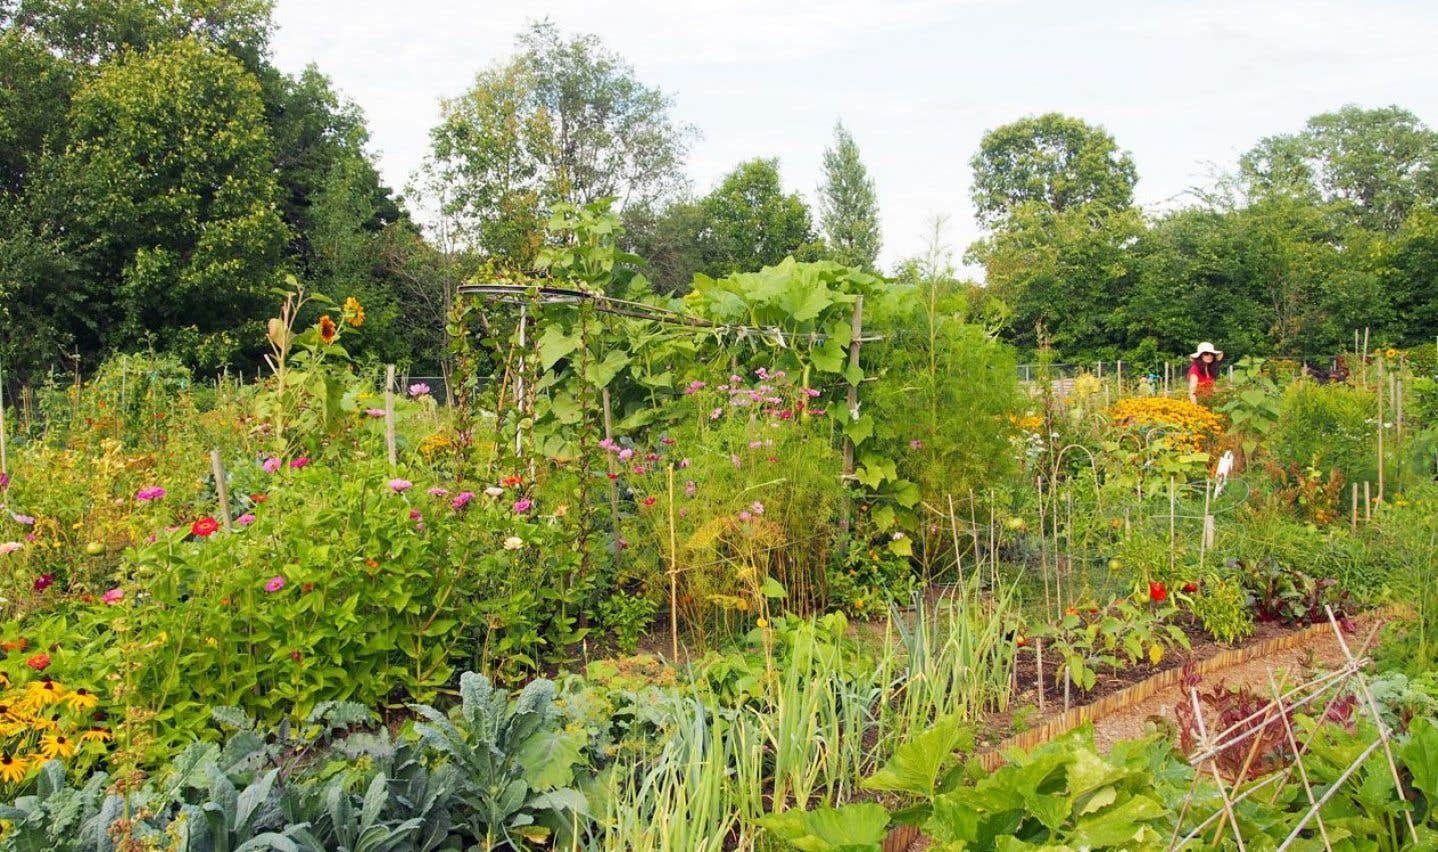 Une vue sur le jardin communautaire L'Églantier, situé à l'angle du boulevard Rosemont et de la 31eAvenue.